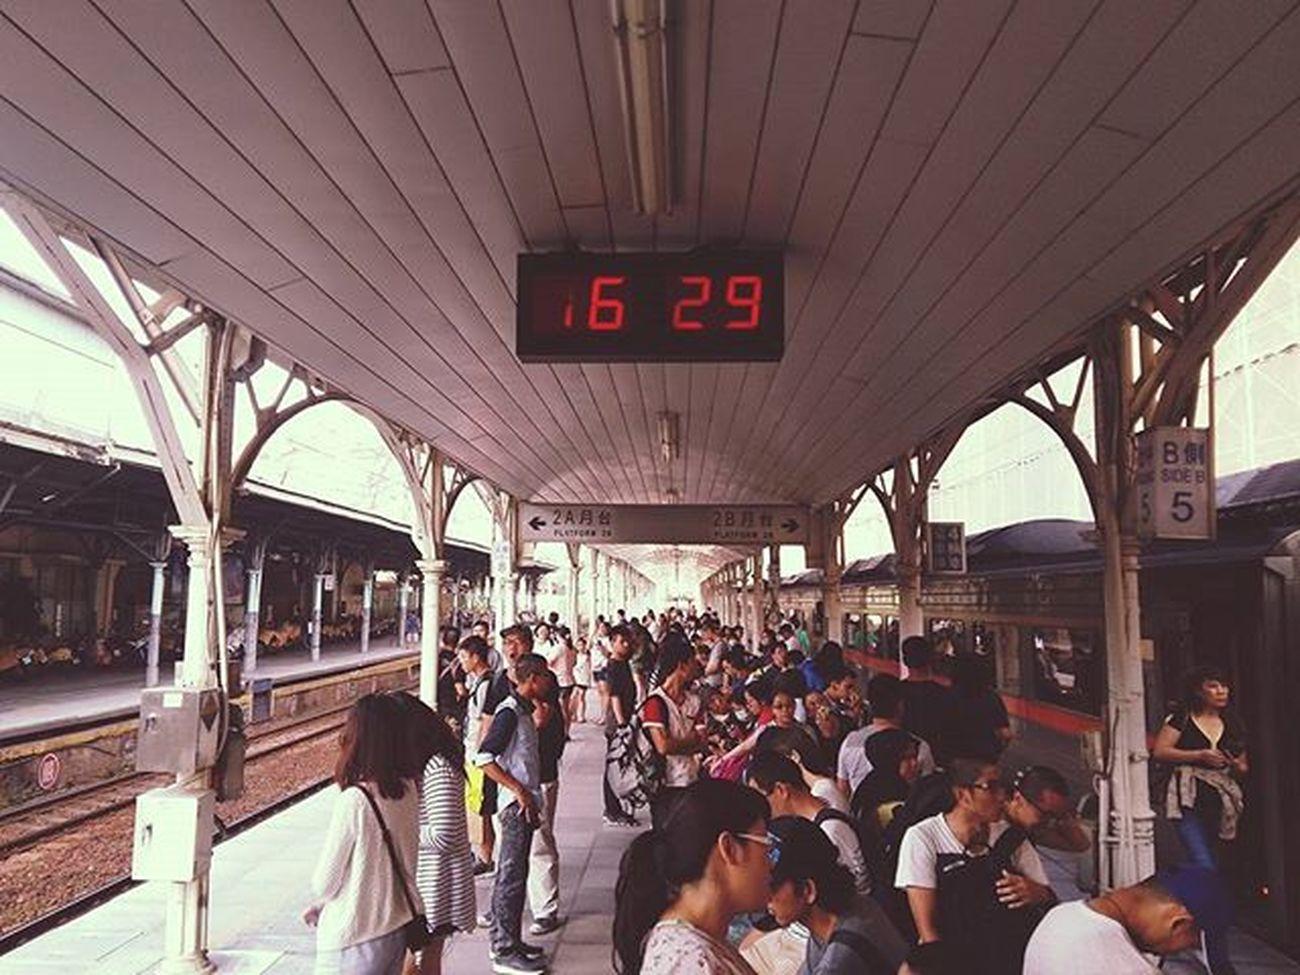 第二月臺 準備往返的旅客門 收假倒數 距離退伍時間 還剩59天…… Trainstation Platform Time Travler Passenger Train 台中火車站 台鐵 旅人 旅客 當兵 收假 上班 Taiwan